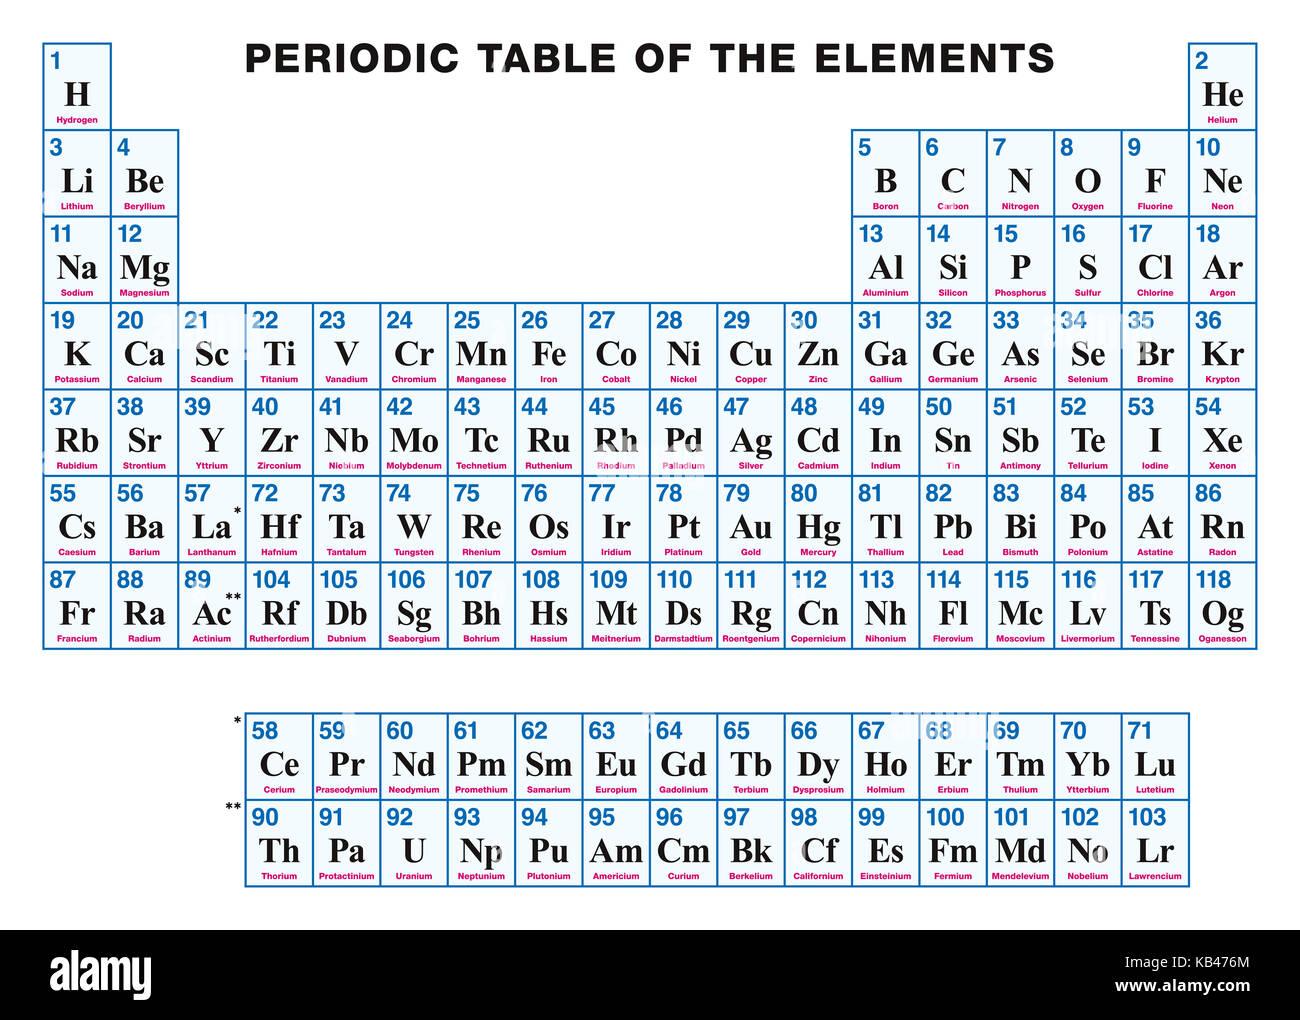 tabla peridica de los elementos en ingls disposicin tabular de los elementos qumicos con sus nmeros atmicos smbolos y nombres - Tabla Periodica De Los Elementos Quimicos Nombres Y Simbolos